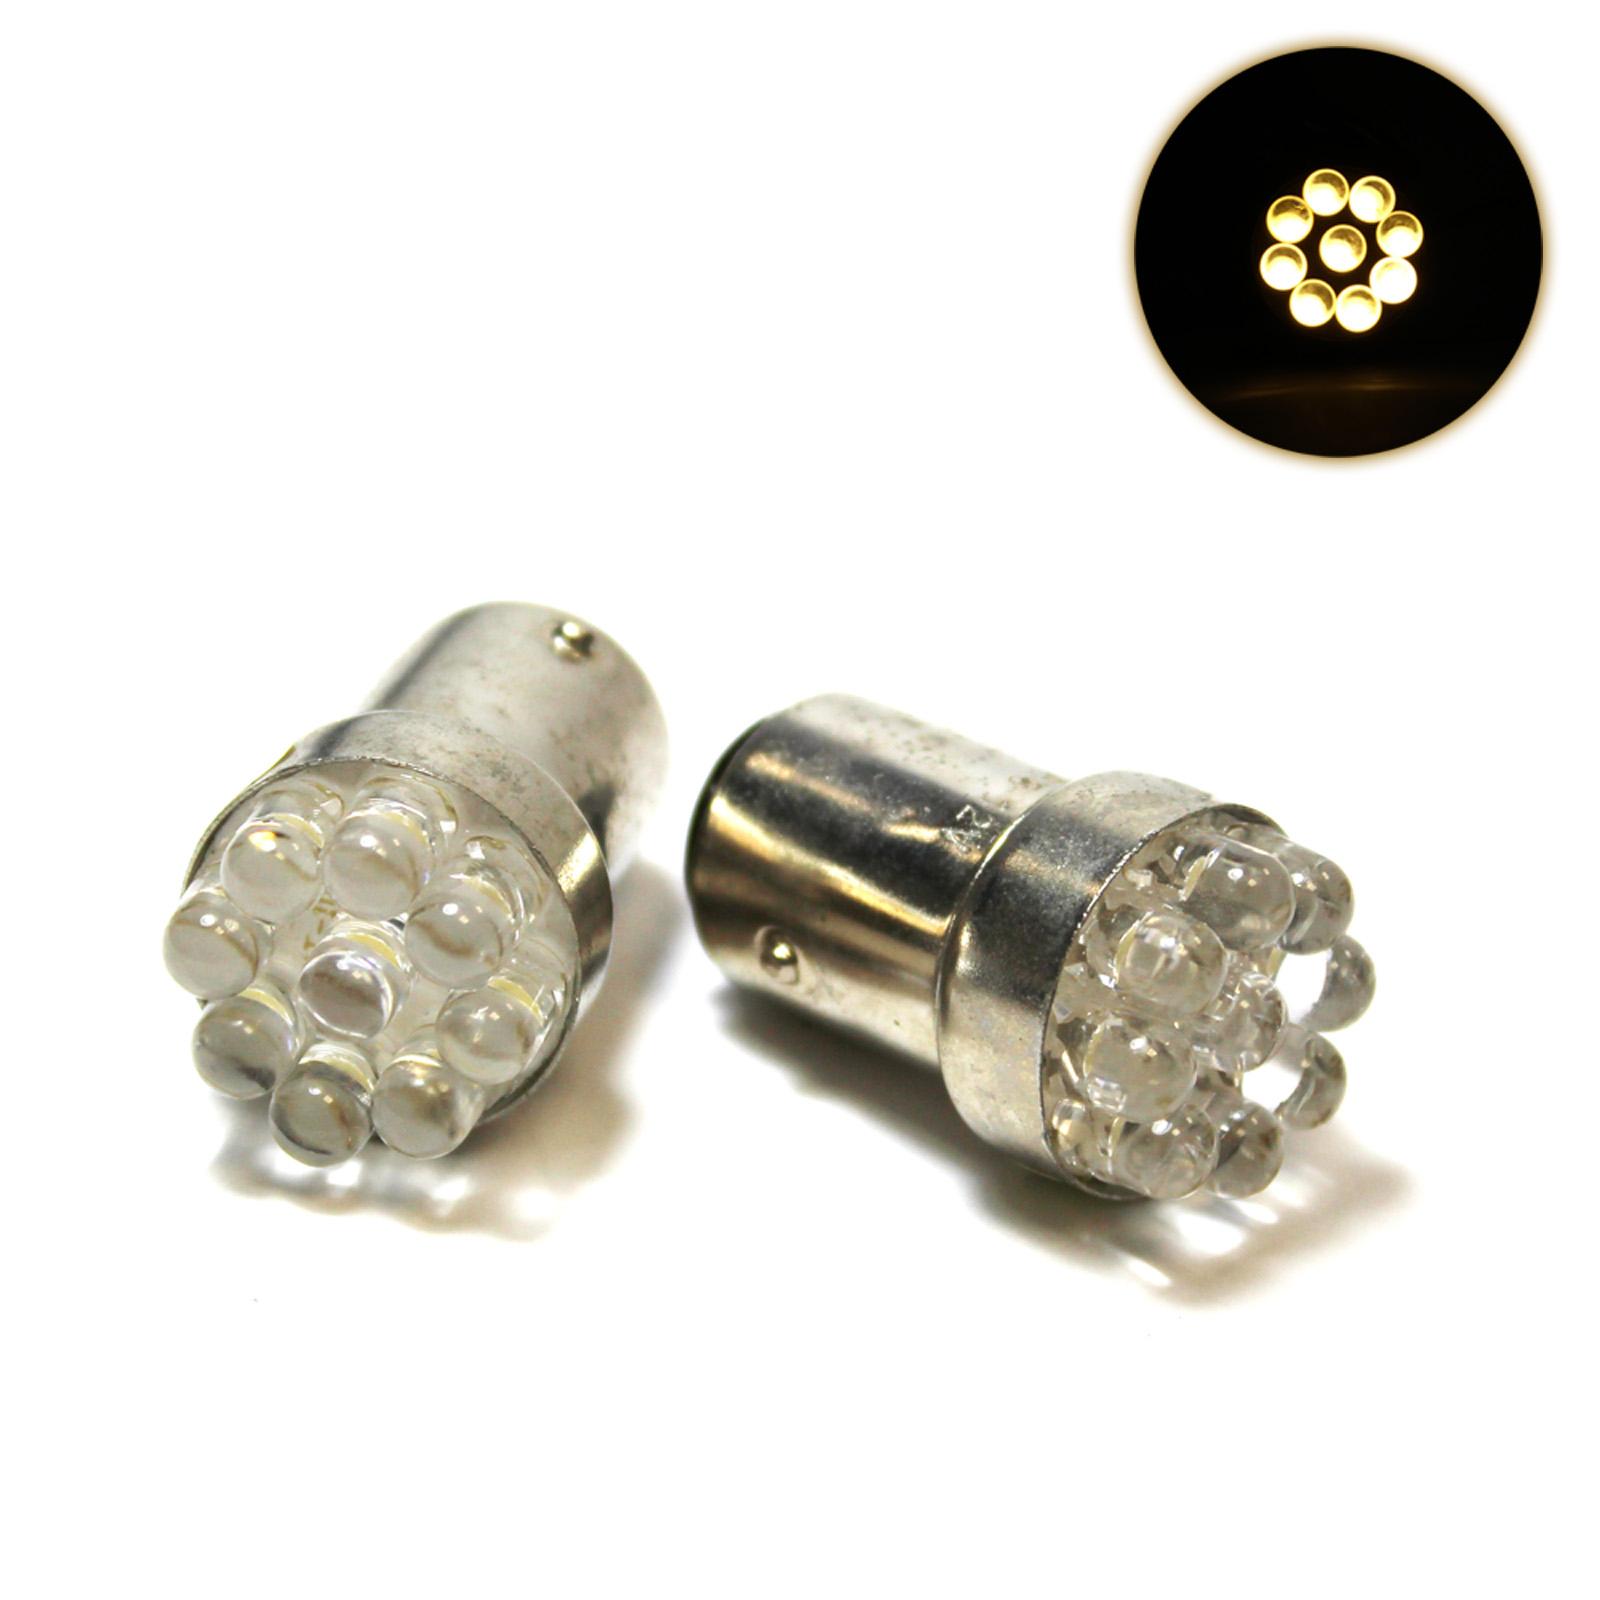 2x warm white 9 led bay15d 380 1157 p21 5w 12v light. Black Bedroom Furniture Sets. Home Design Ideas